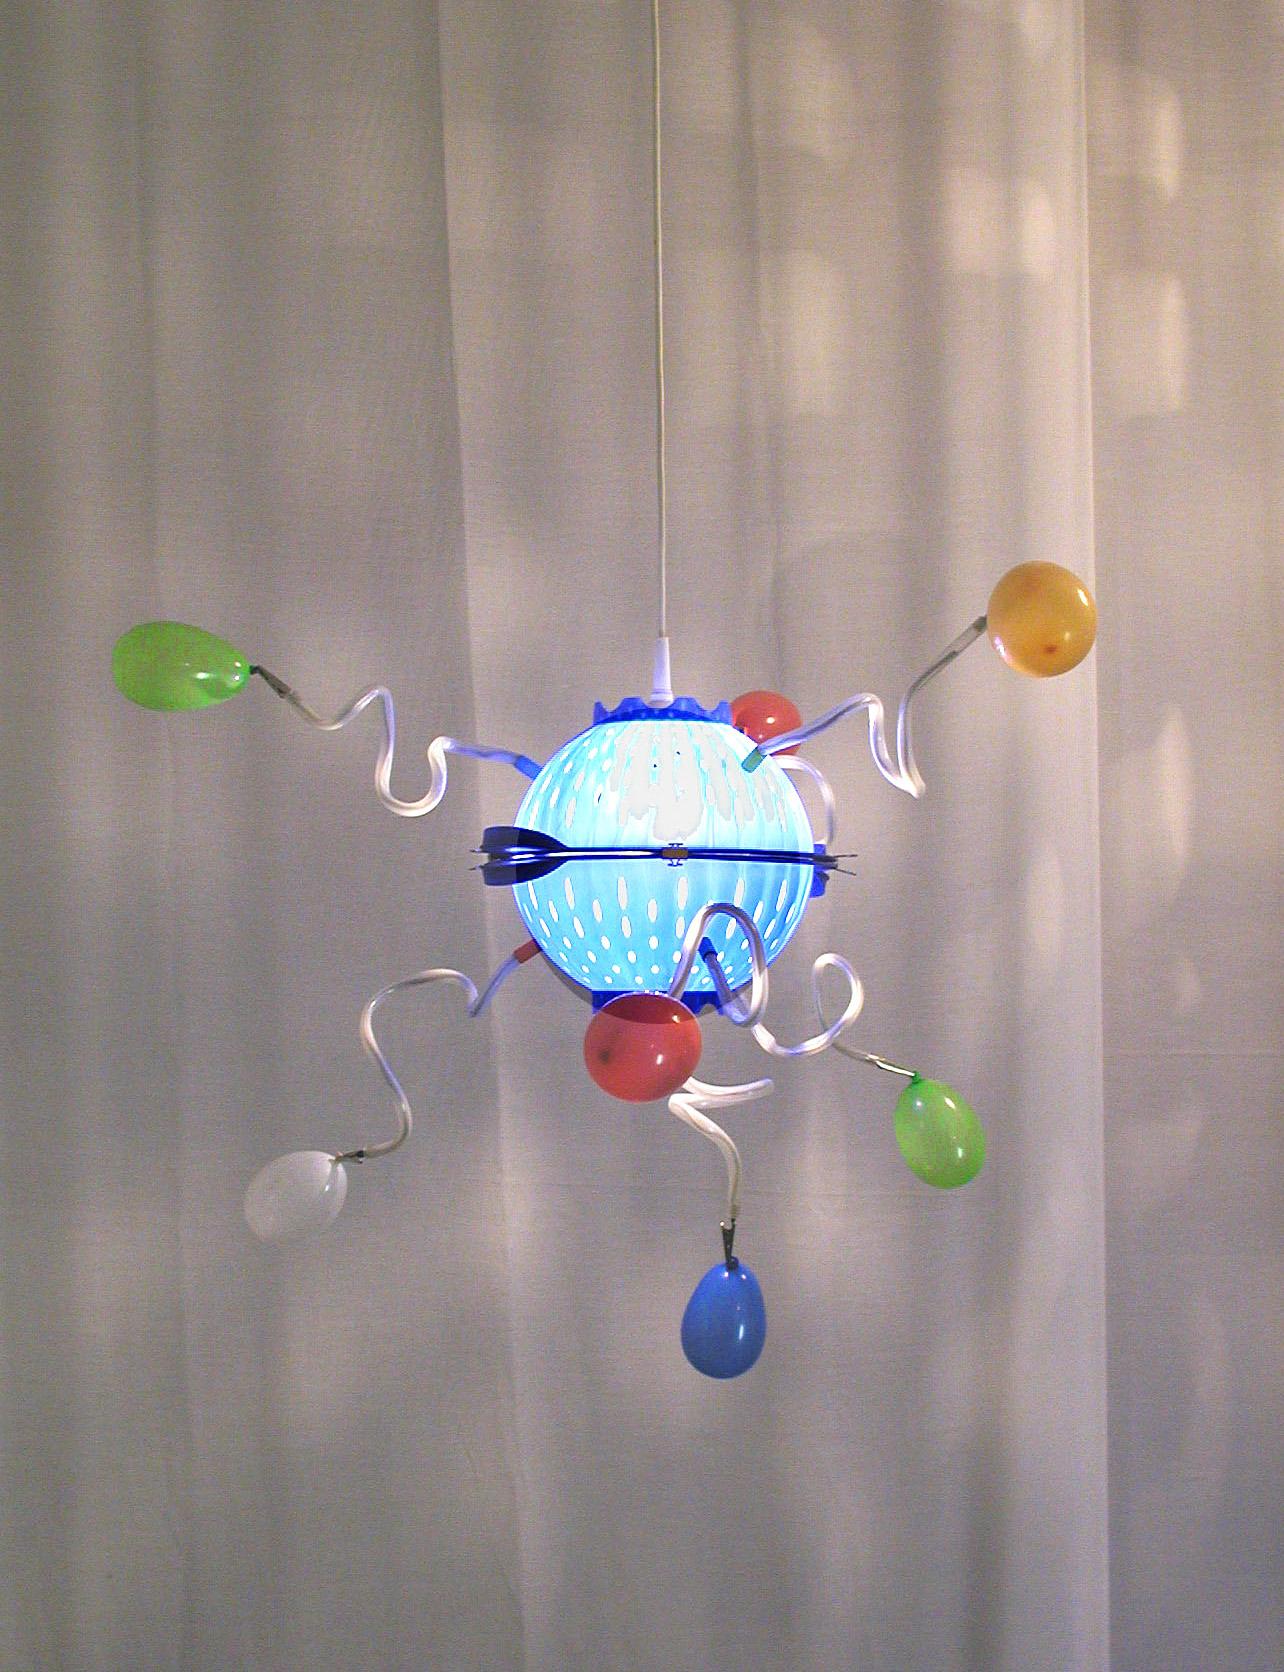 Lampe in holzstamm alles ist gestaltung - Holzstamm lampe ...